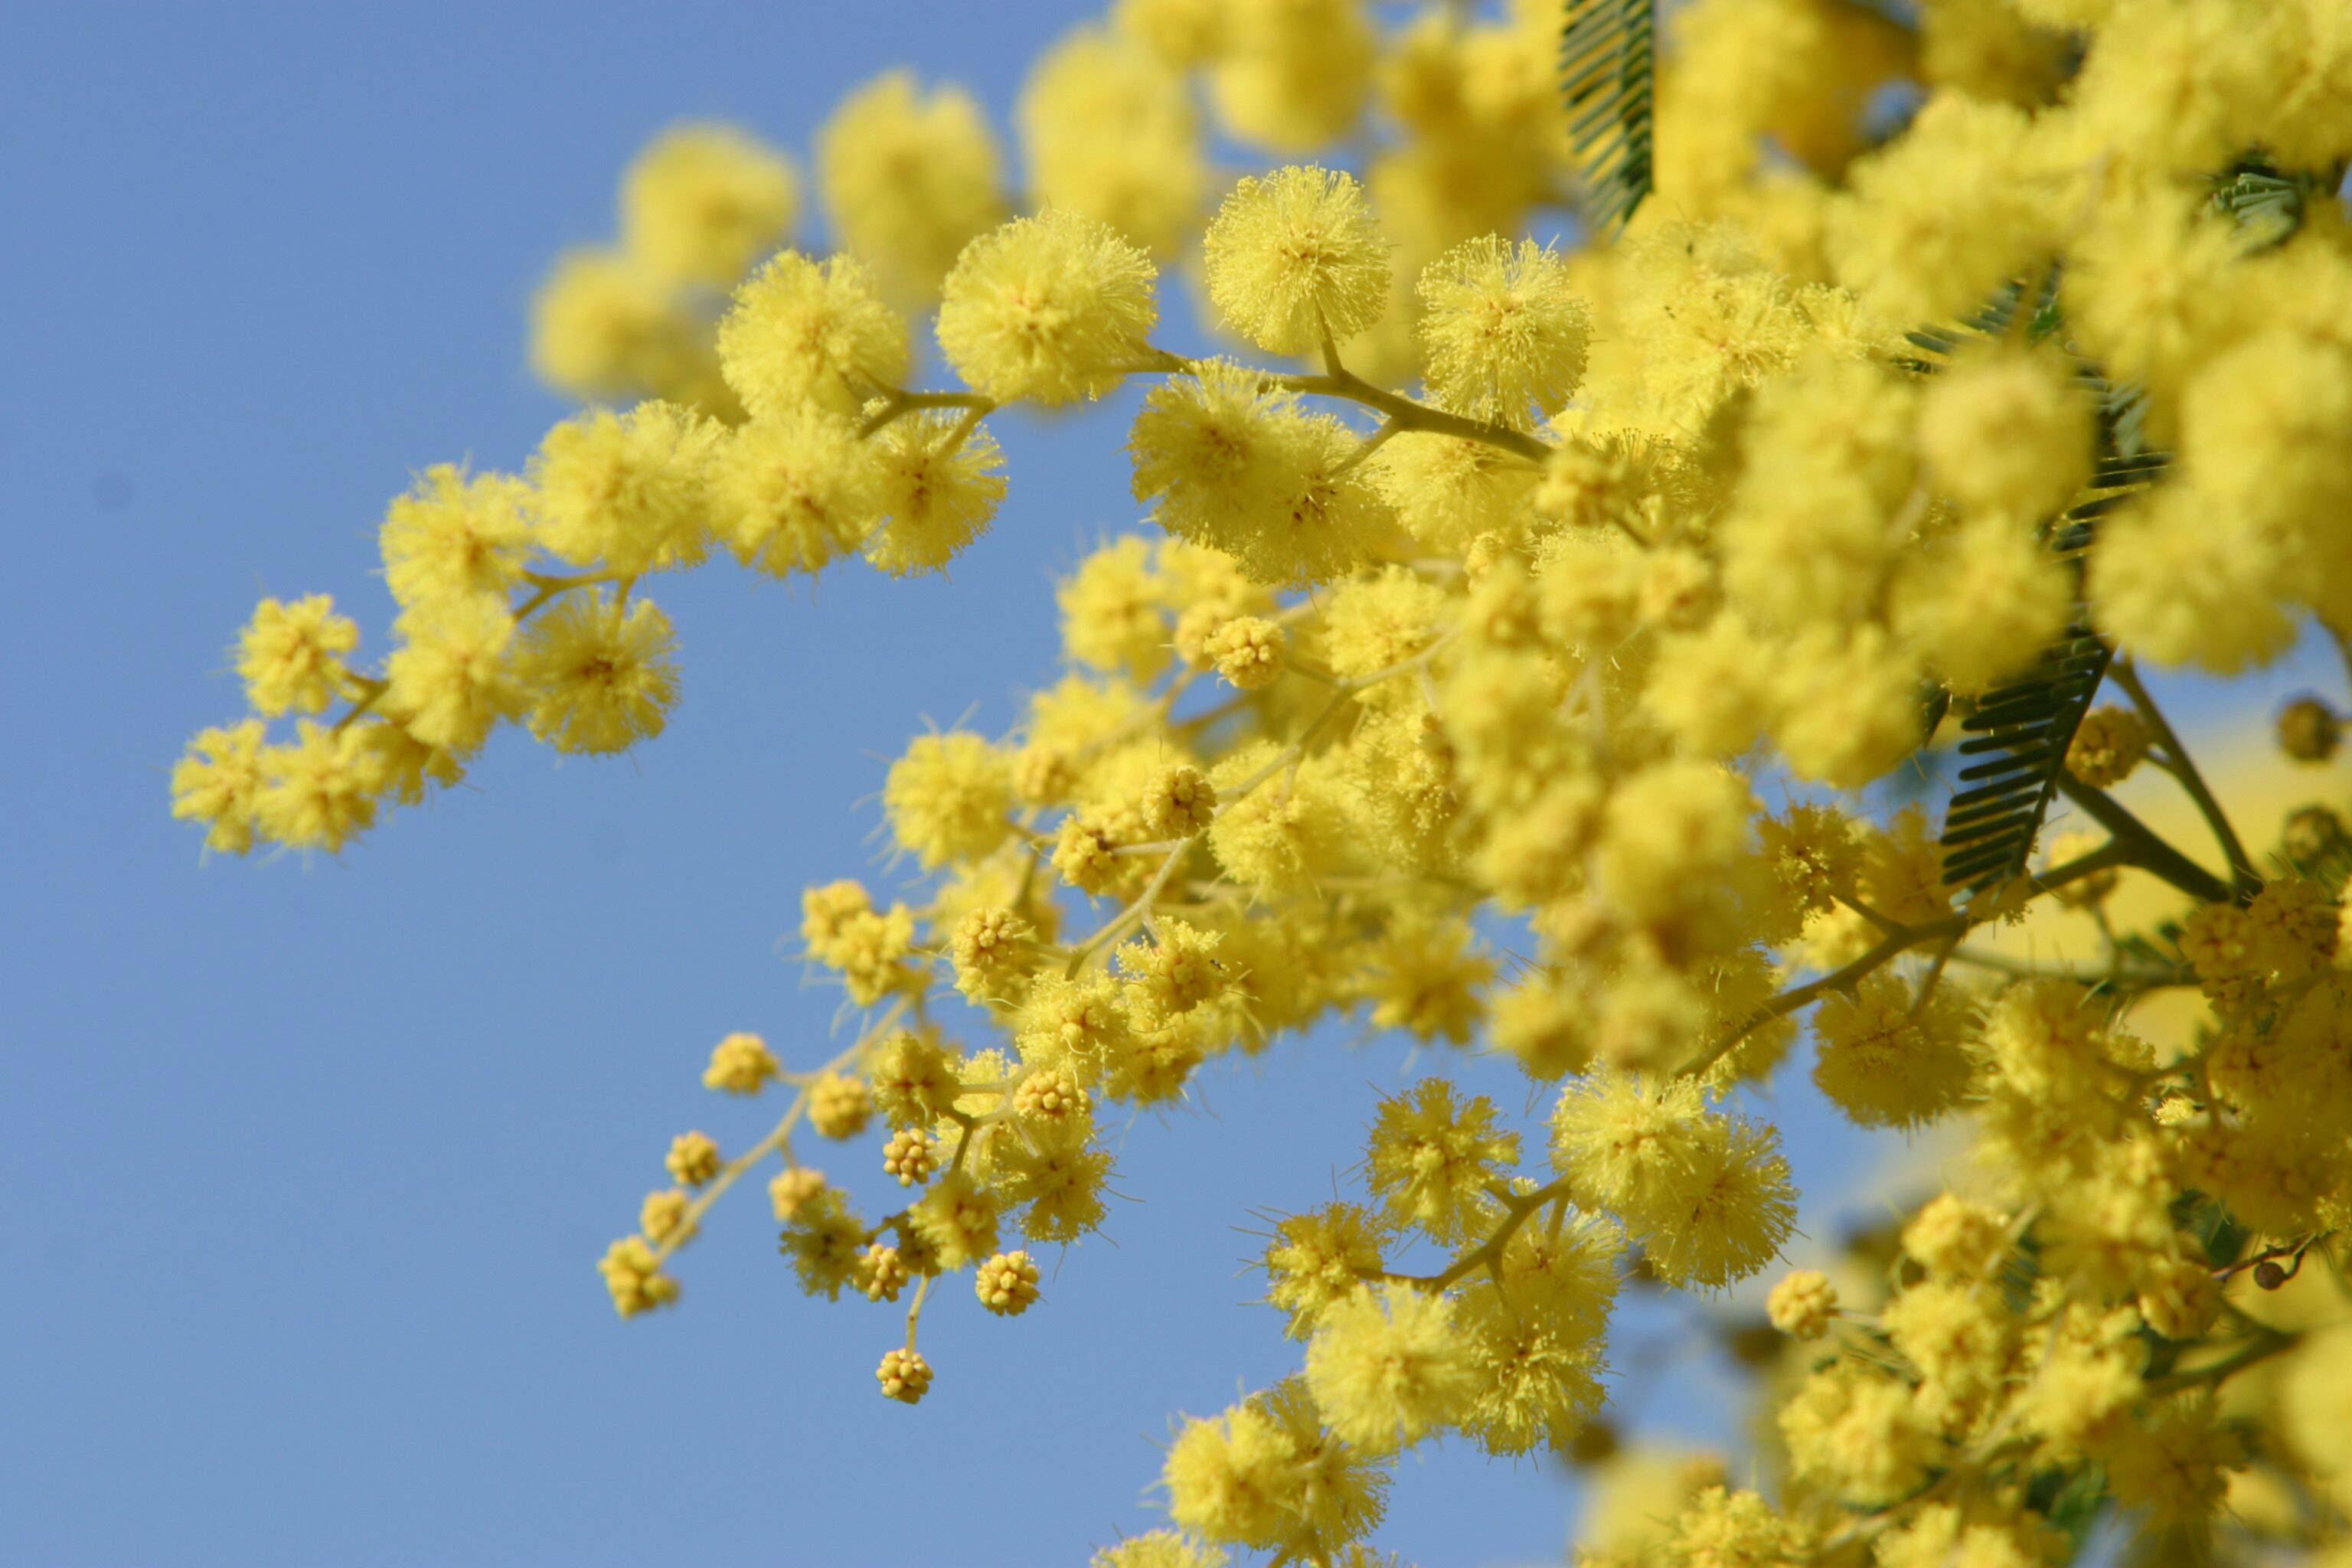 Australia's National flower, Golden Wattle Full hd